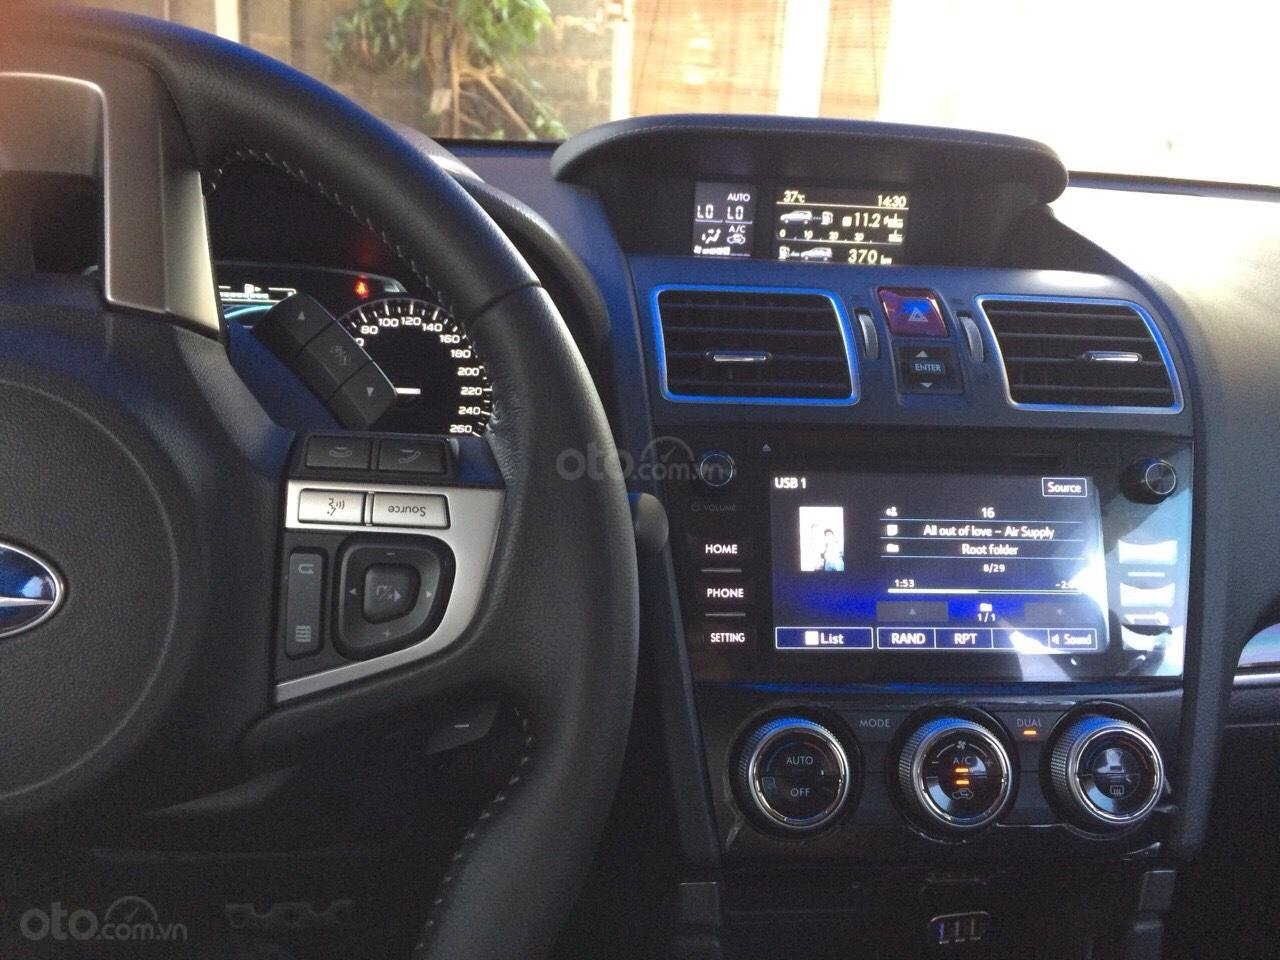 Bán nhanh Subaru Forester 2.0 XT 2016, xe chính chủ, giá tốt gọi 093.22222.30 Ms Loan-3